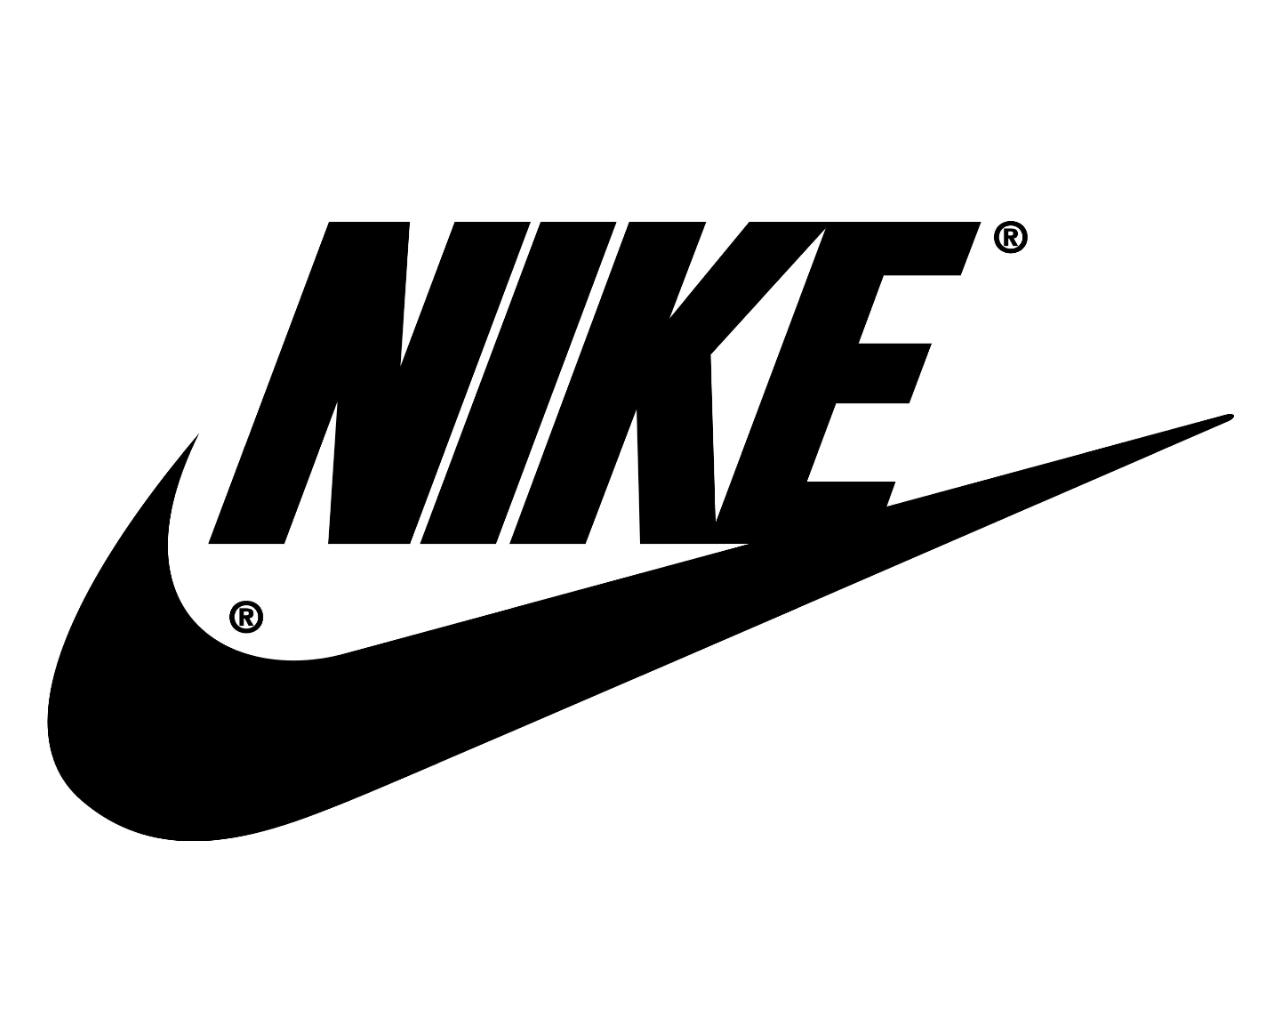 Hintergrundbilder : Nike, Schwarz Weiss, Logo 1280x1024